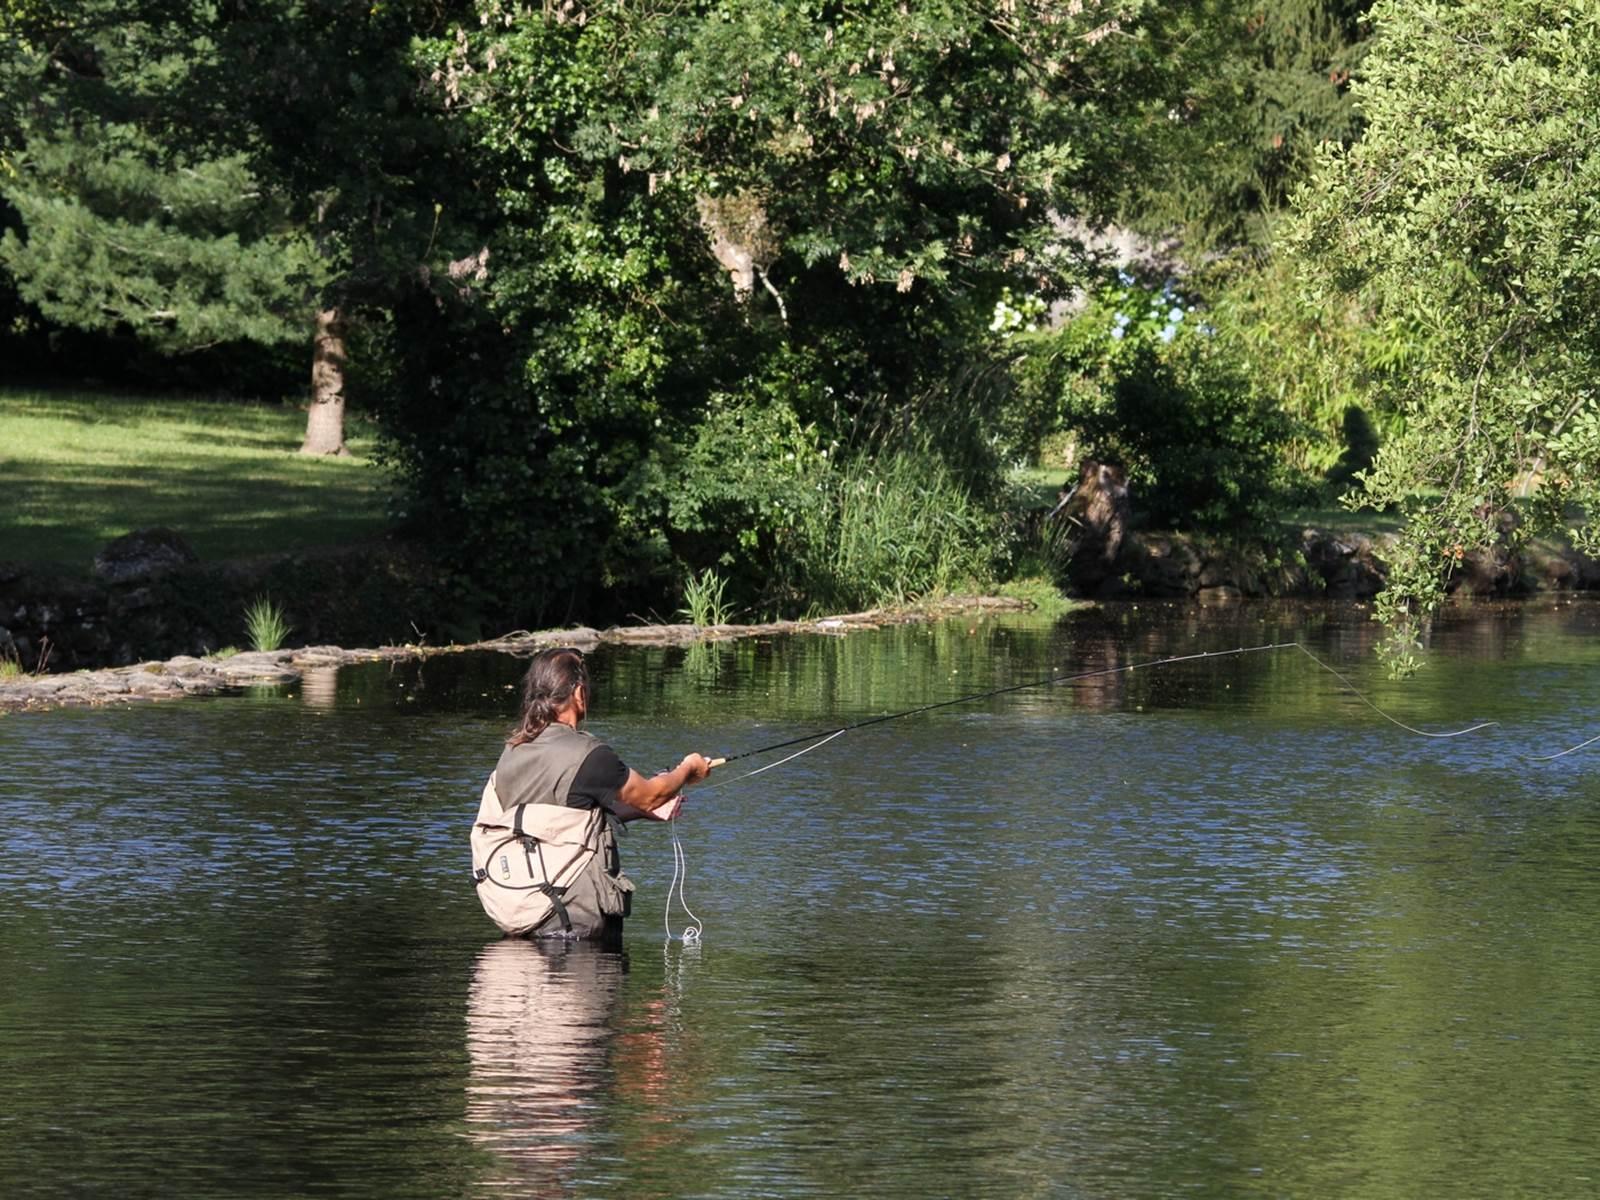 pêcheur au lancé dans la Vienne photo B.Barlet - hébergement Pêche 87120